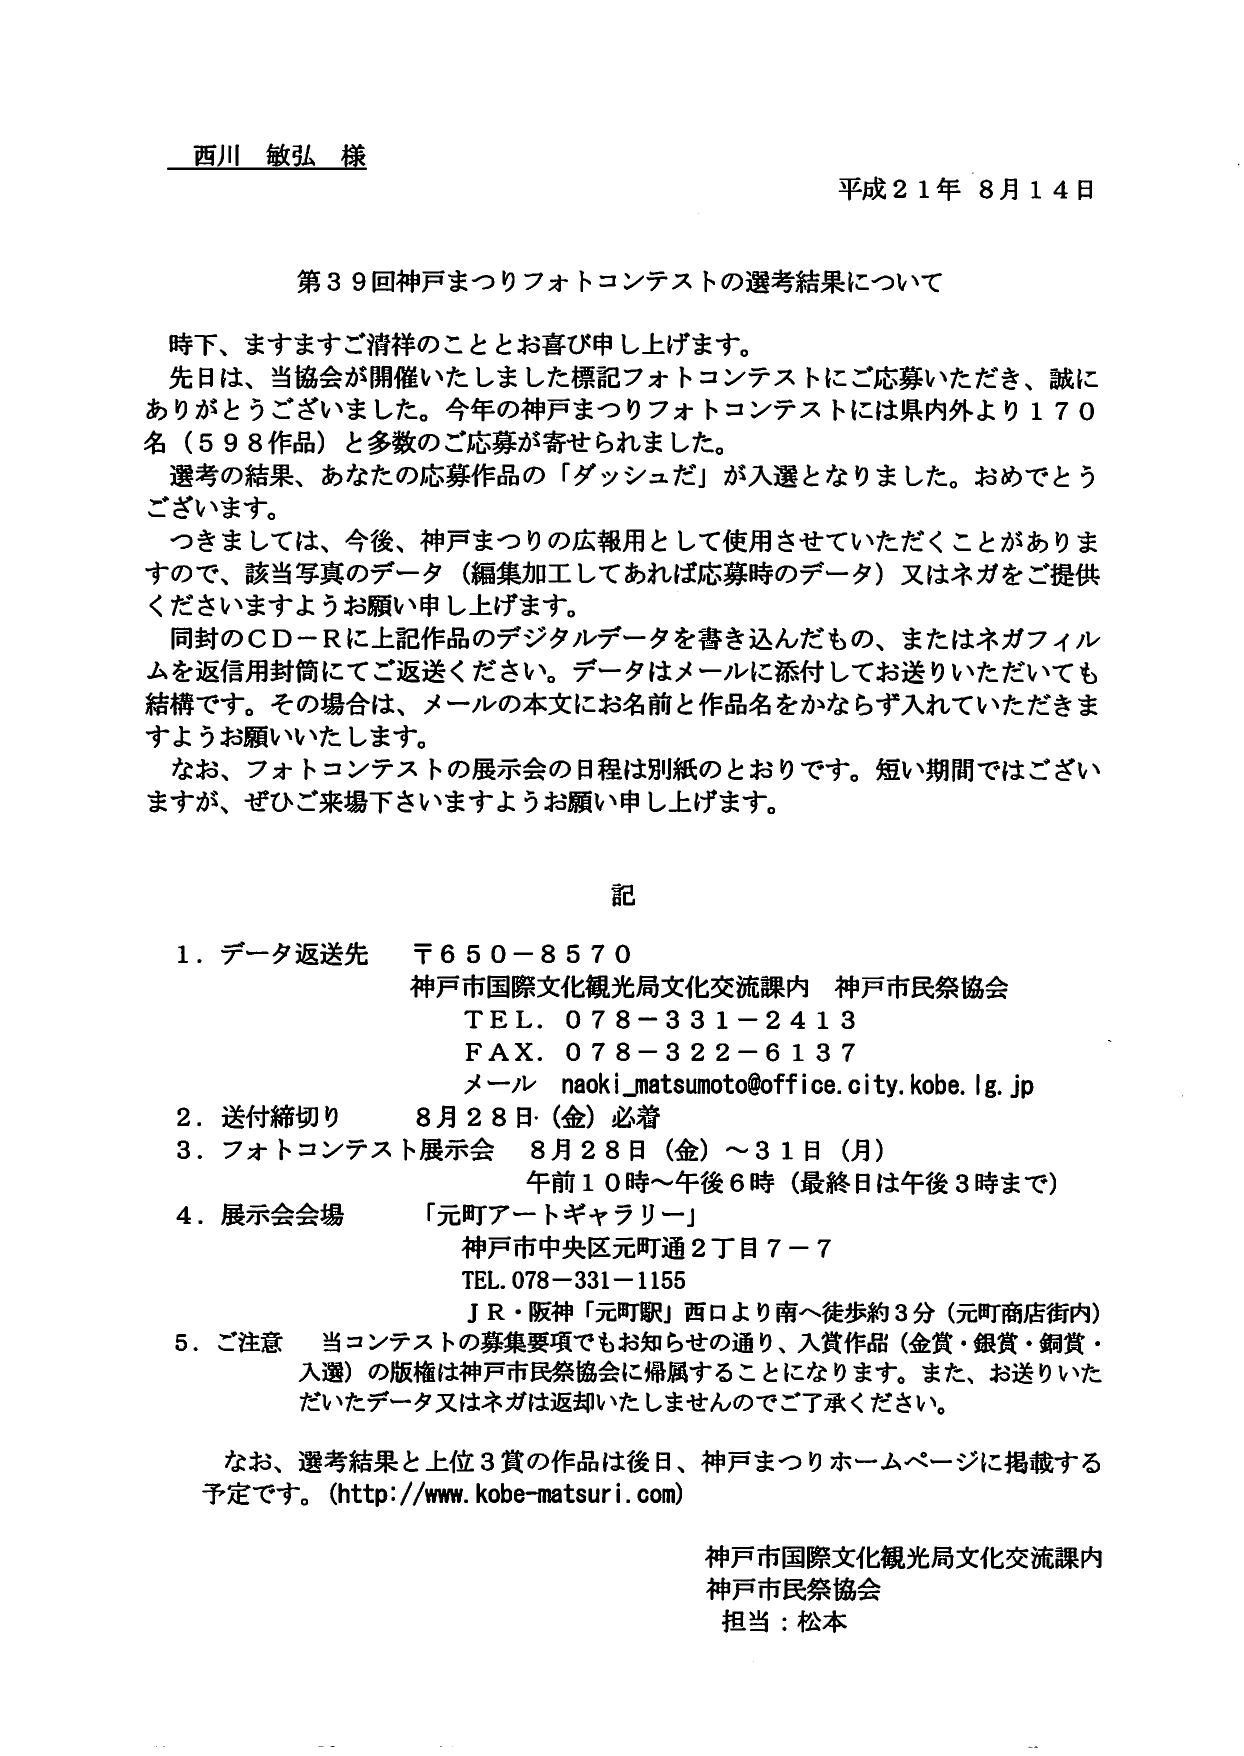 第39回 神戸まつりフォトコンテスト  入選_a0288226_0274774.jpg